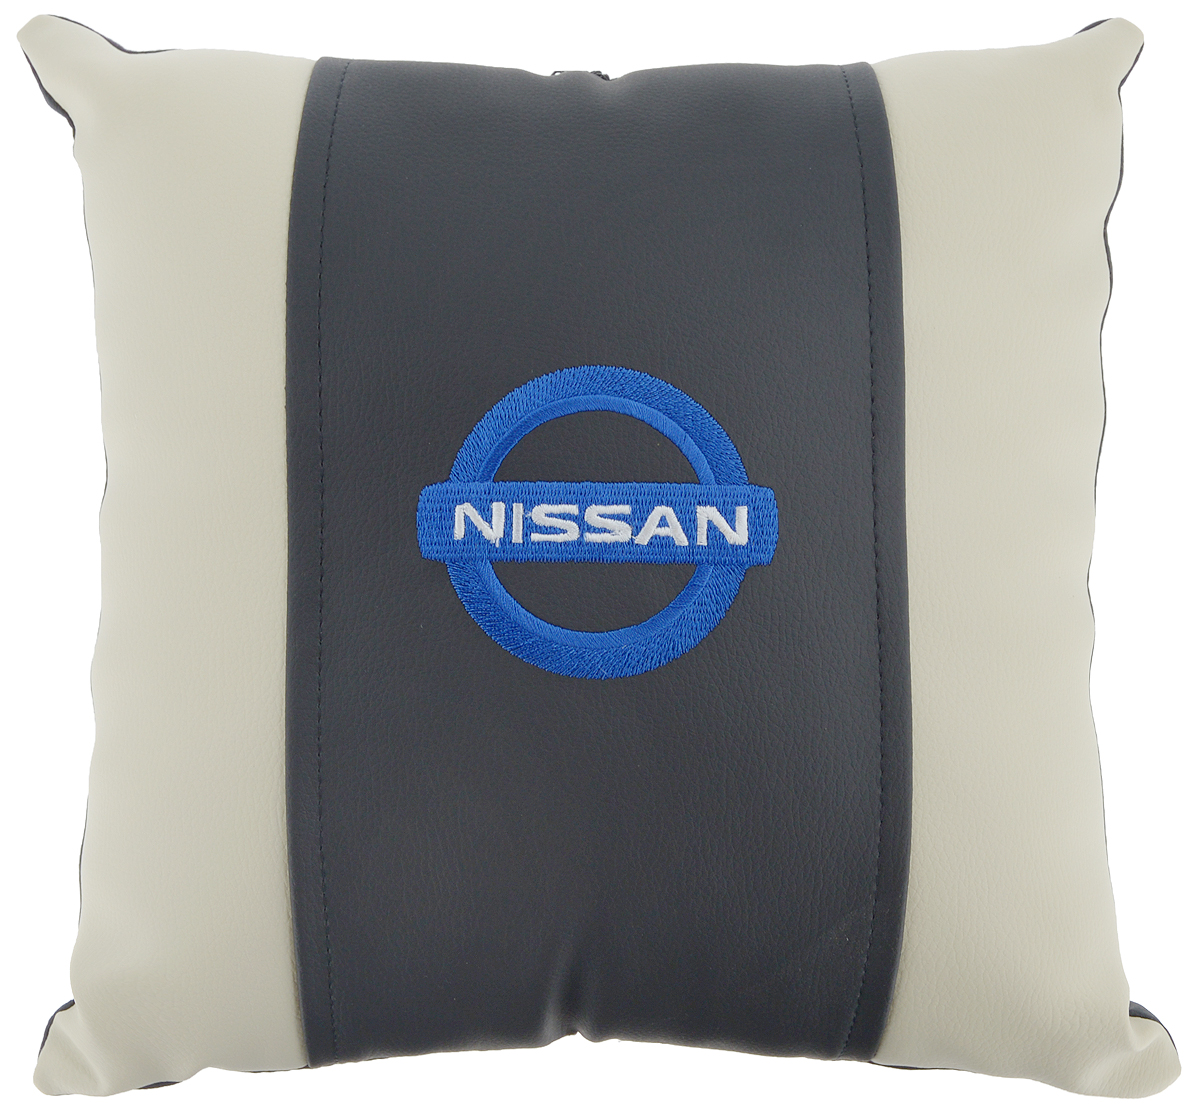 Подушка на сиденье Autoparts Nissan, 30 х 30 см21395599Подушка на сиденье Autoparts Nissan создана для тех, кто весь свой день вынужден проводить за рулем. Чехол выполнен из высококачественной дышащей экокожи. Наполнителем служит холлофайбер. На задней части подушки имеется змейка.Особенности подушки:- Хорошо проветривается.- Предупреждает потение.- Поддерживает комфортную температуру.- Обминается по форме тела.- Улучшает кровообращение.- Исключает затечные явления.- Предупреждает развитие заболеваний, связанных с сидячим образом жизни. Подушка также будет полезна и дома - при работе за компьютером, школьникам - при выполнении домашних работ, да и в любимом кресле перед телевизором.